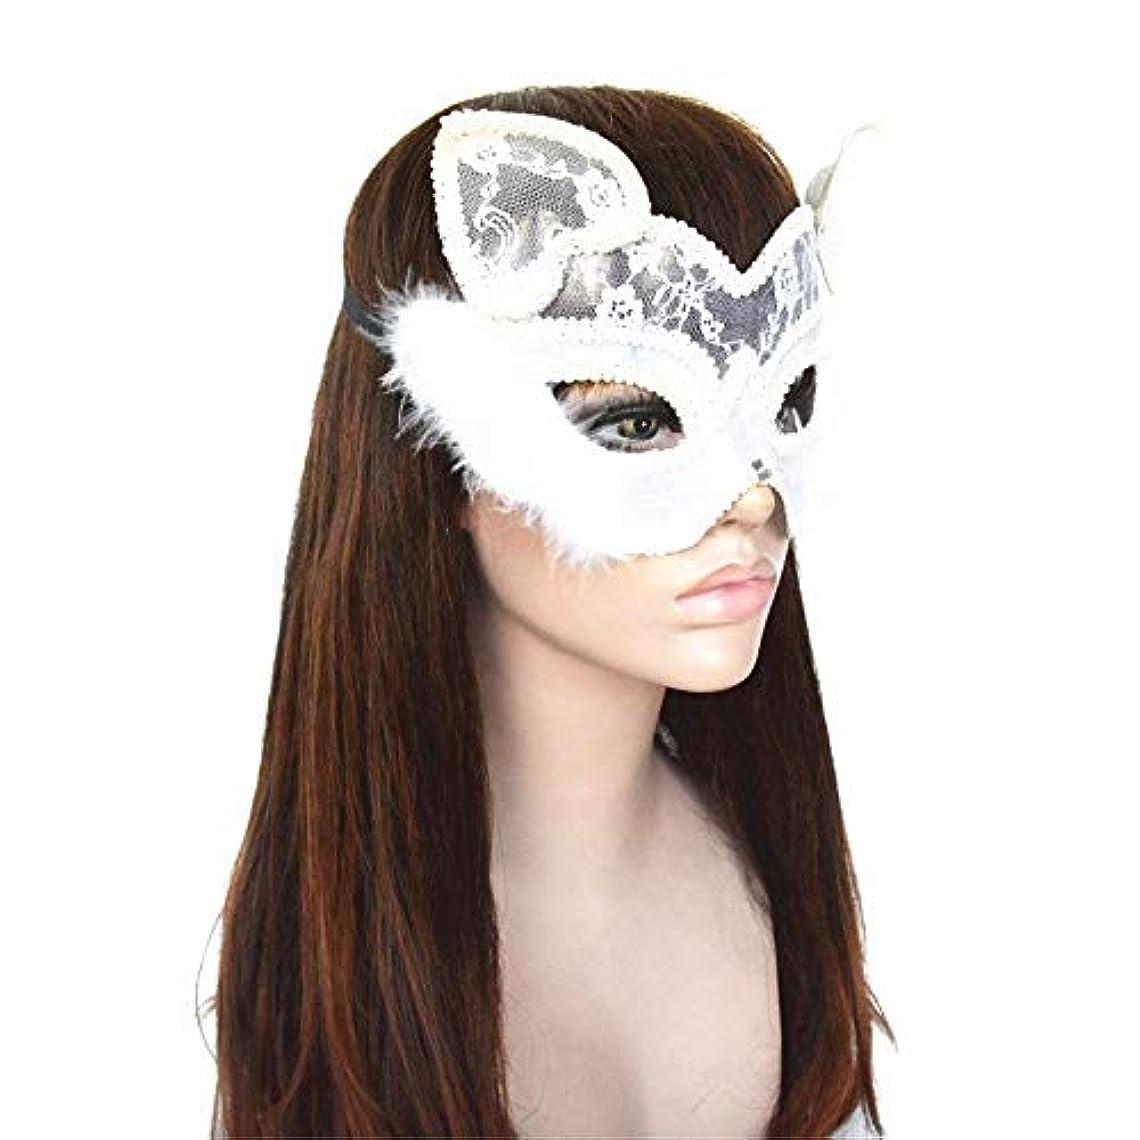 現代のモード私たちダンスマスク レース楽しい女性動物猫顔ポリ塩化ビニールハロウィンマスククリスマス製品コスプレナイトクラブパーティーマスク ホリデーパーティー用品 (色 : 白, サイズ : 19x15.5cm)